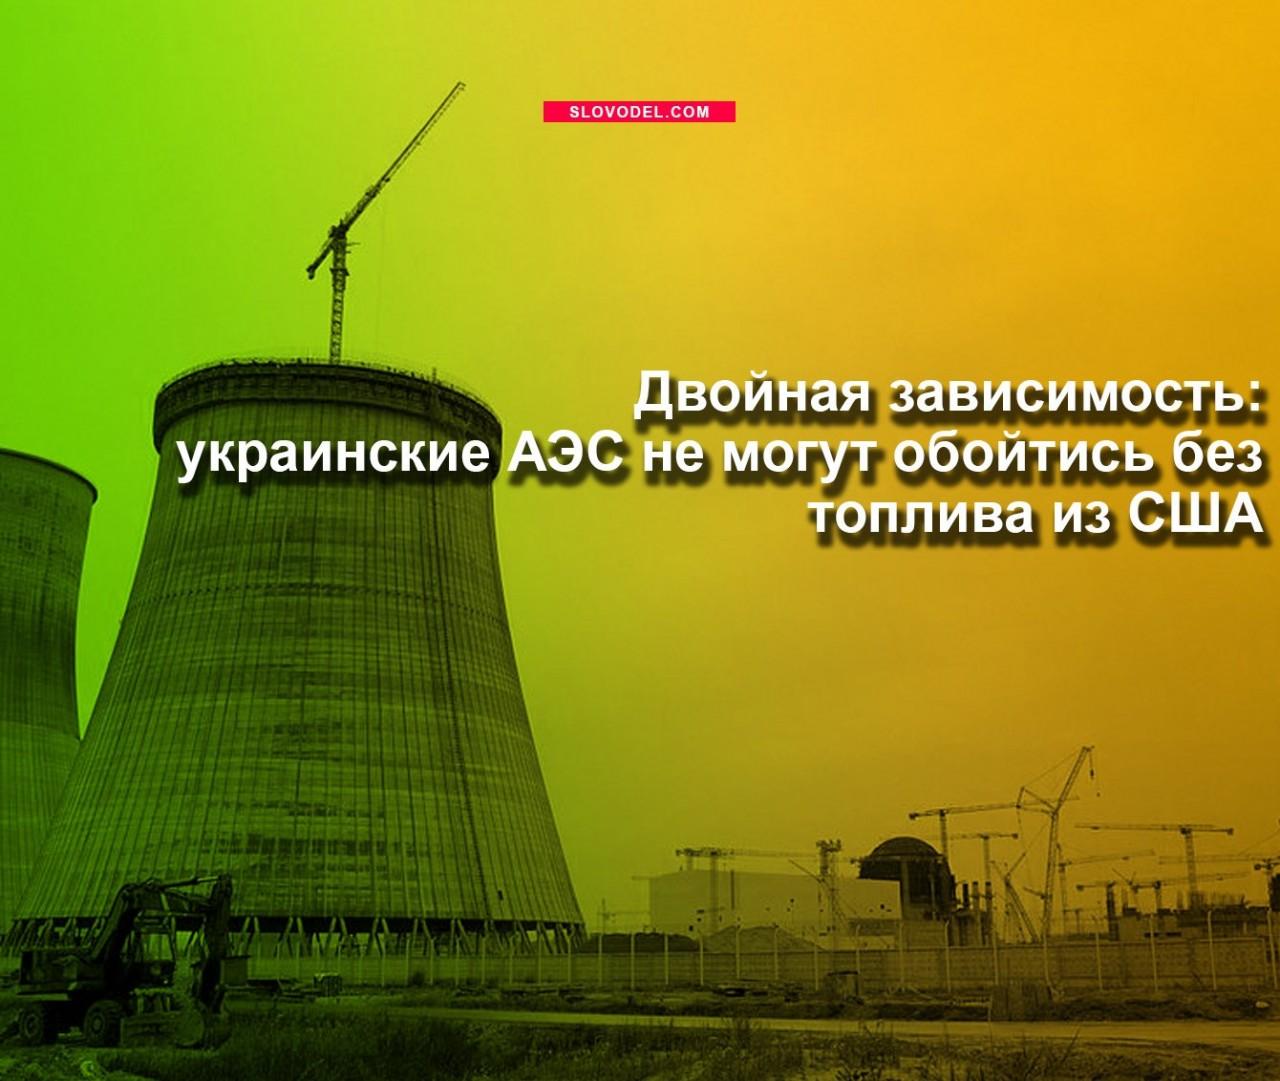 Двойная зависимость: украинские АЭС не могут обойтись без топлива из США